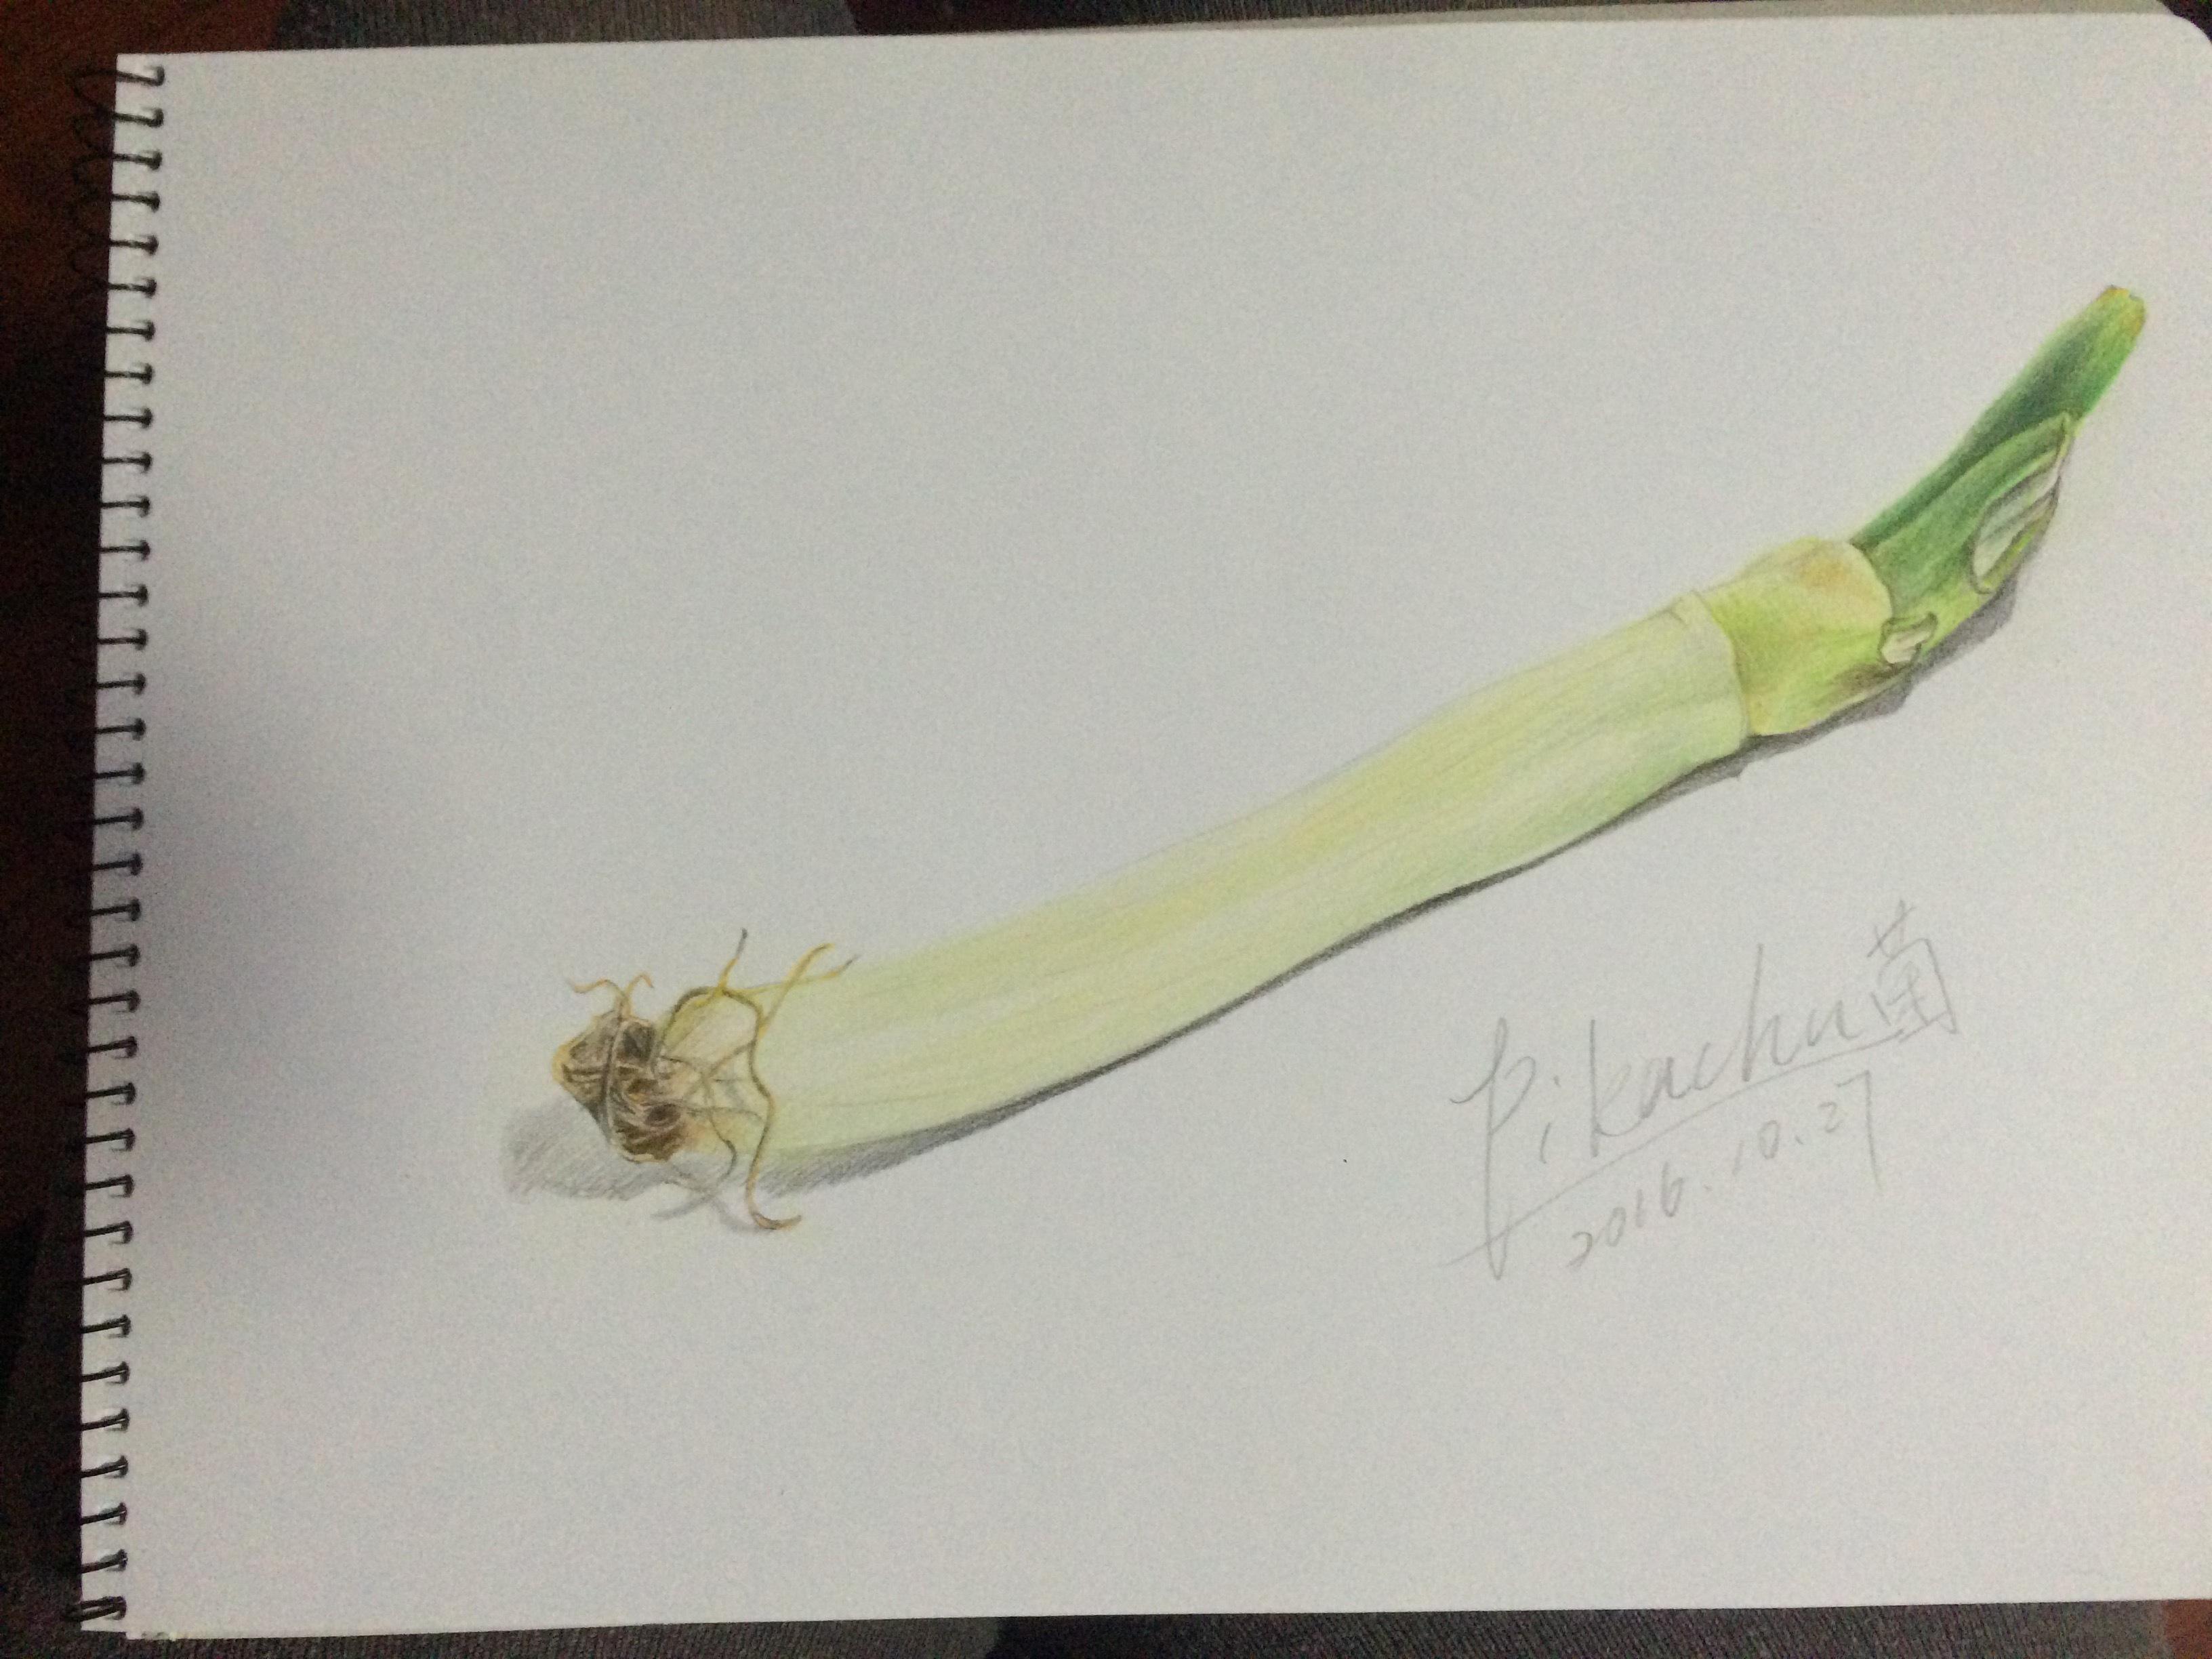 彩铅手绘练习--大葱